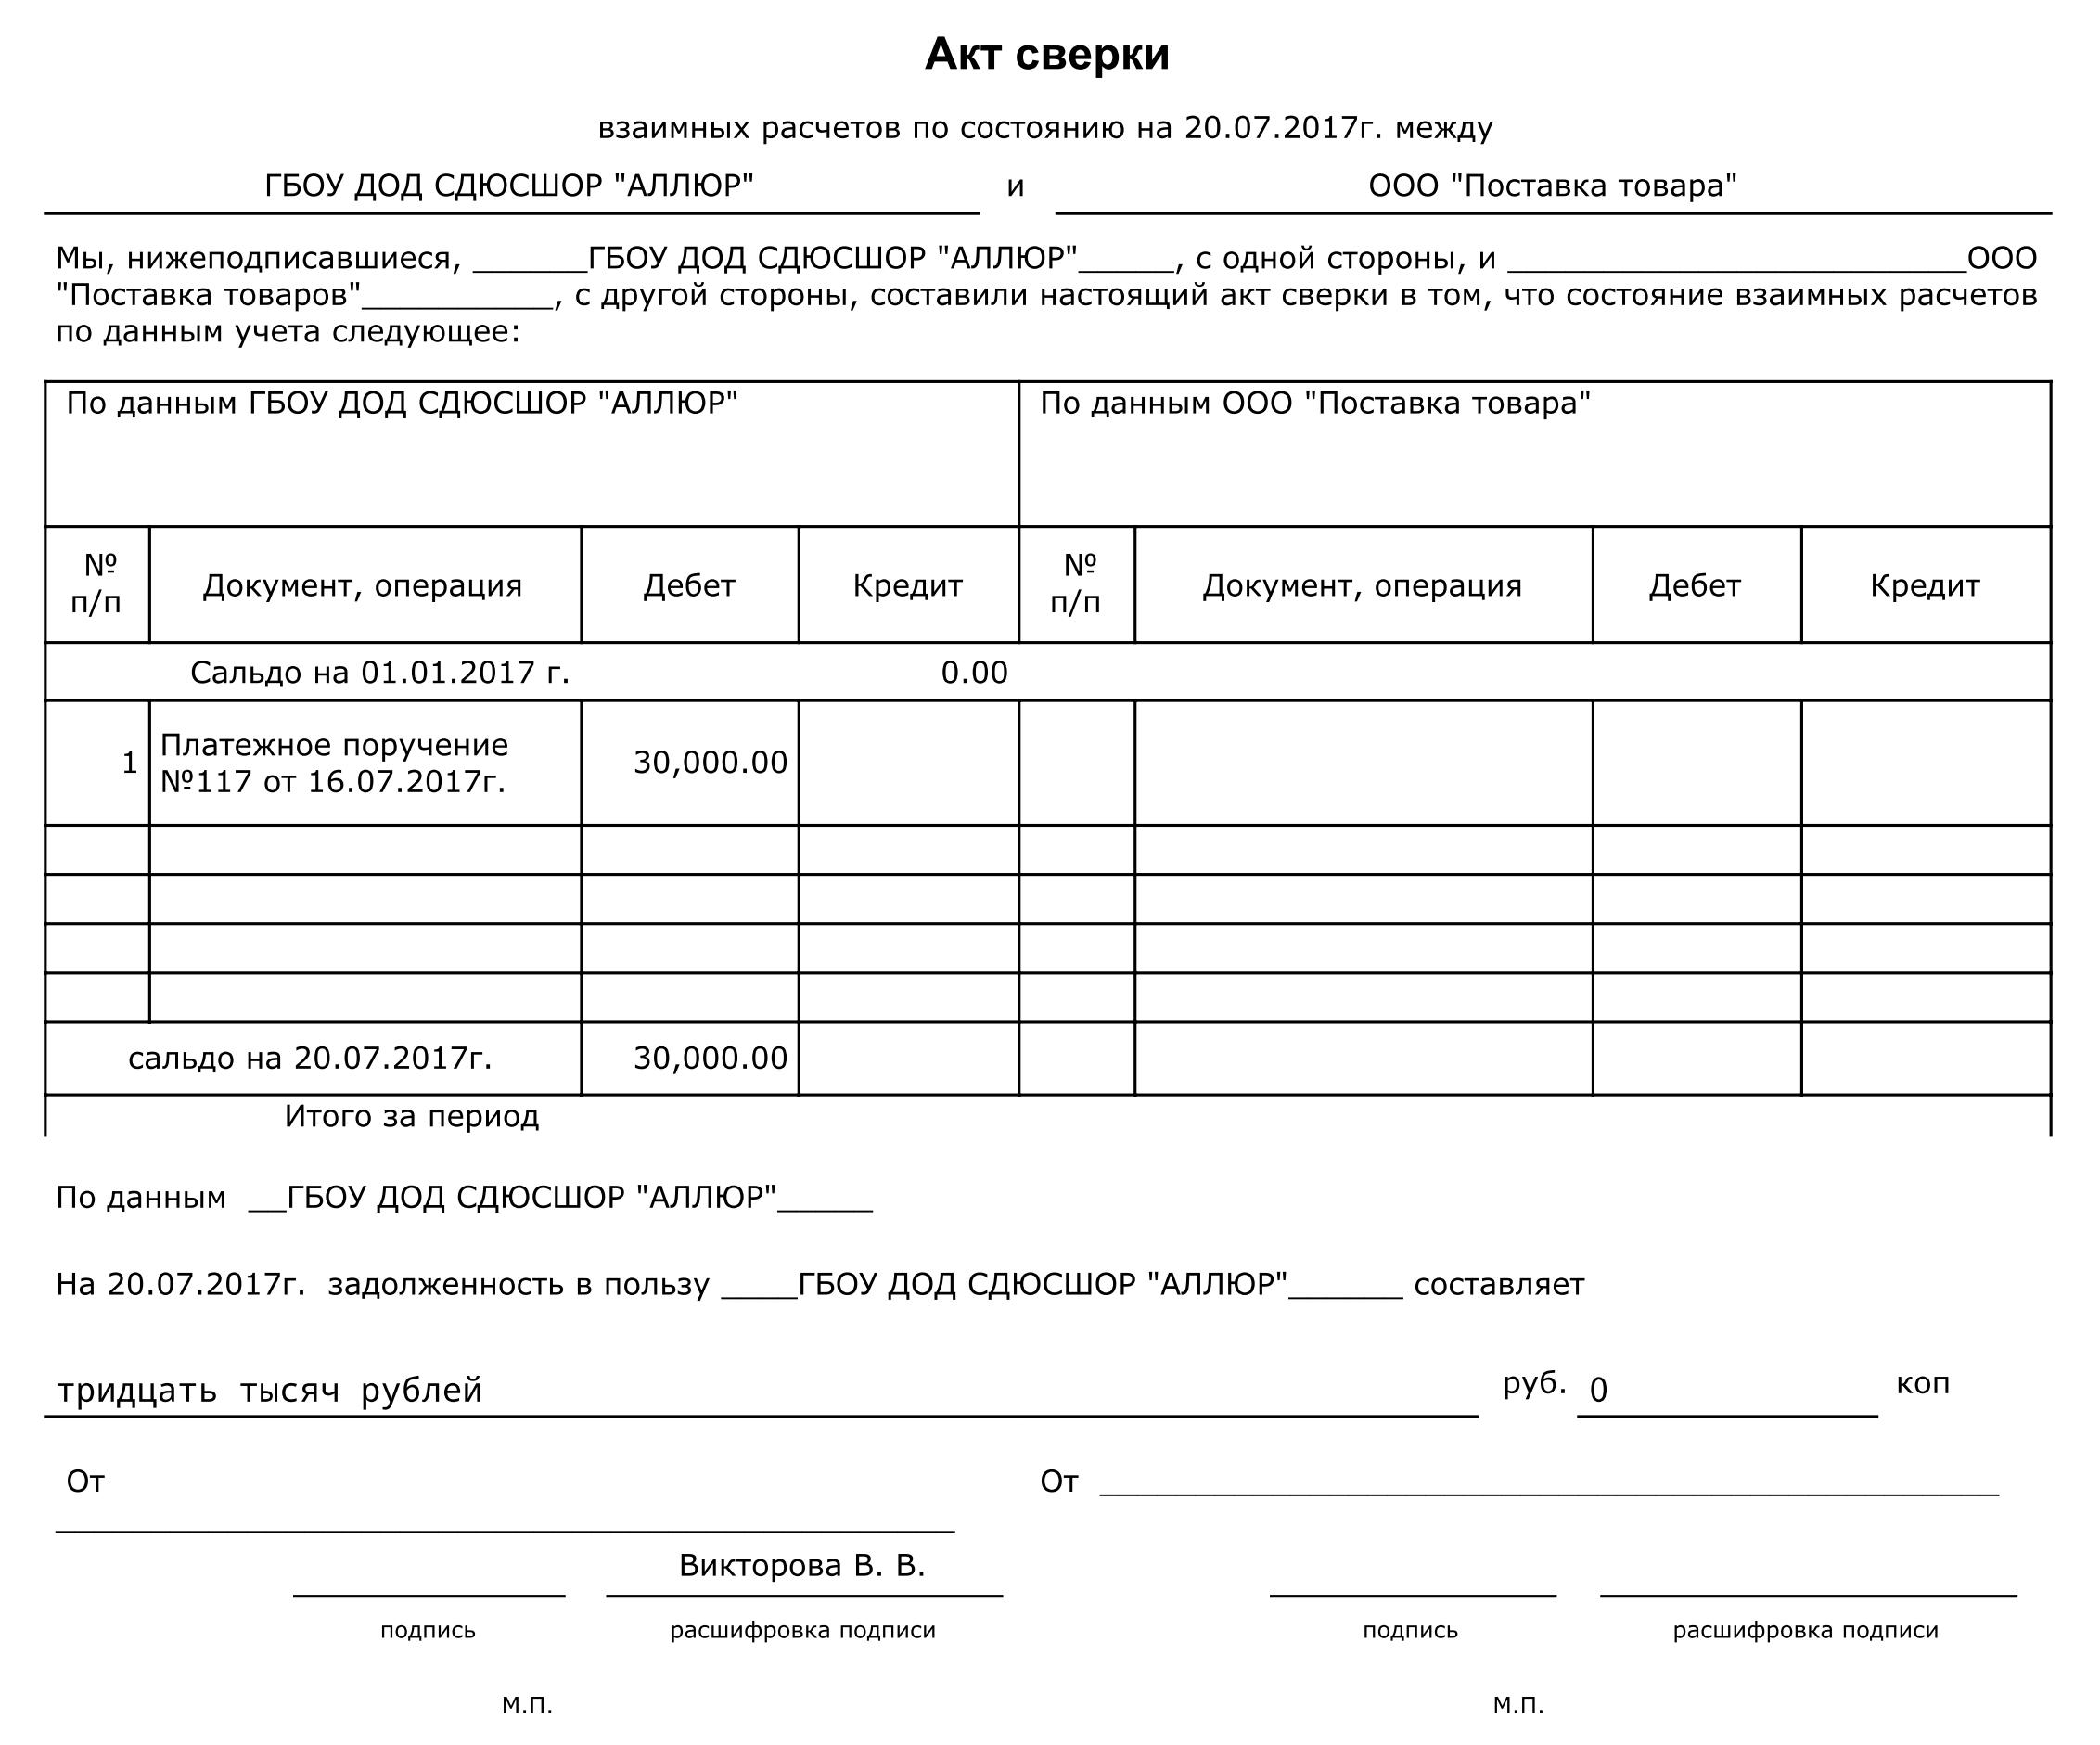 Sample Letter Of Refund Money To Customer from bizneskitai.ru